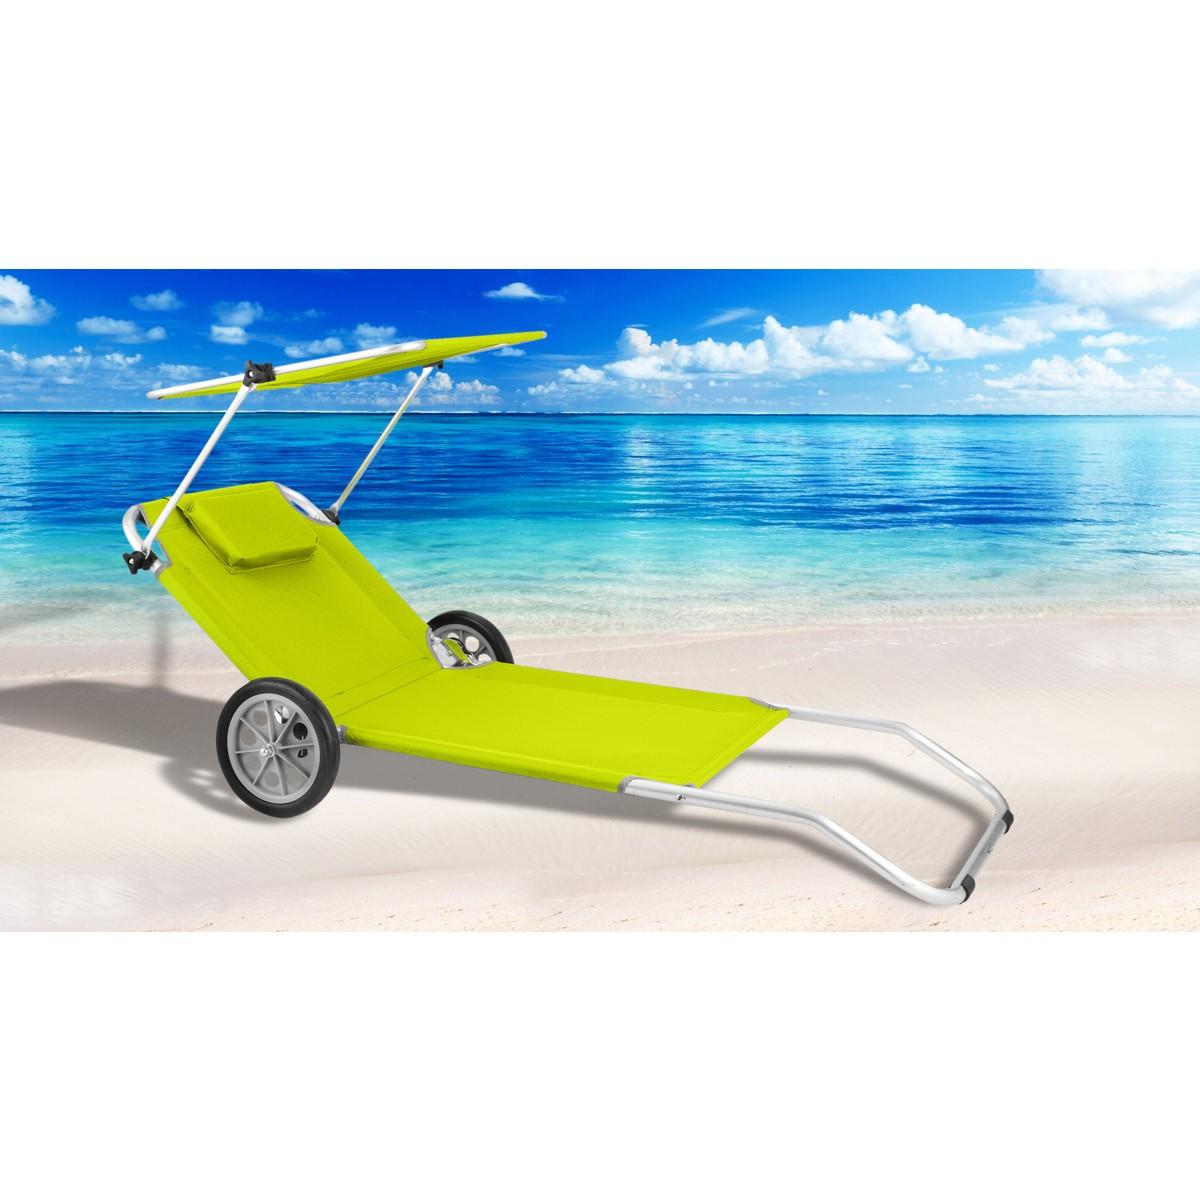 Strandliege mit dach  Gartenliege Mit Dach. alu sonnenliege mit sonnendach strandliege ...